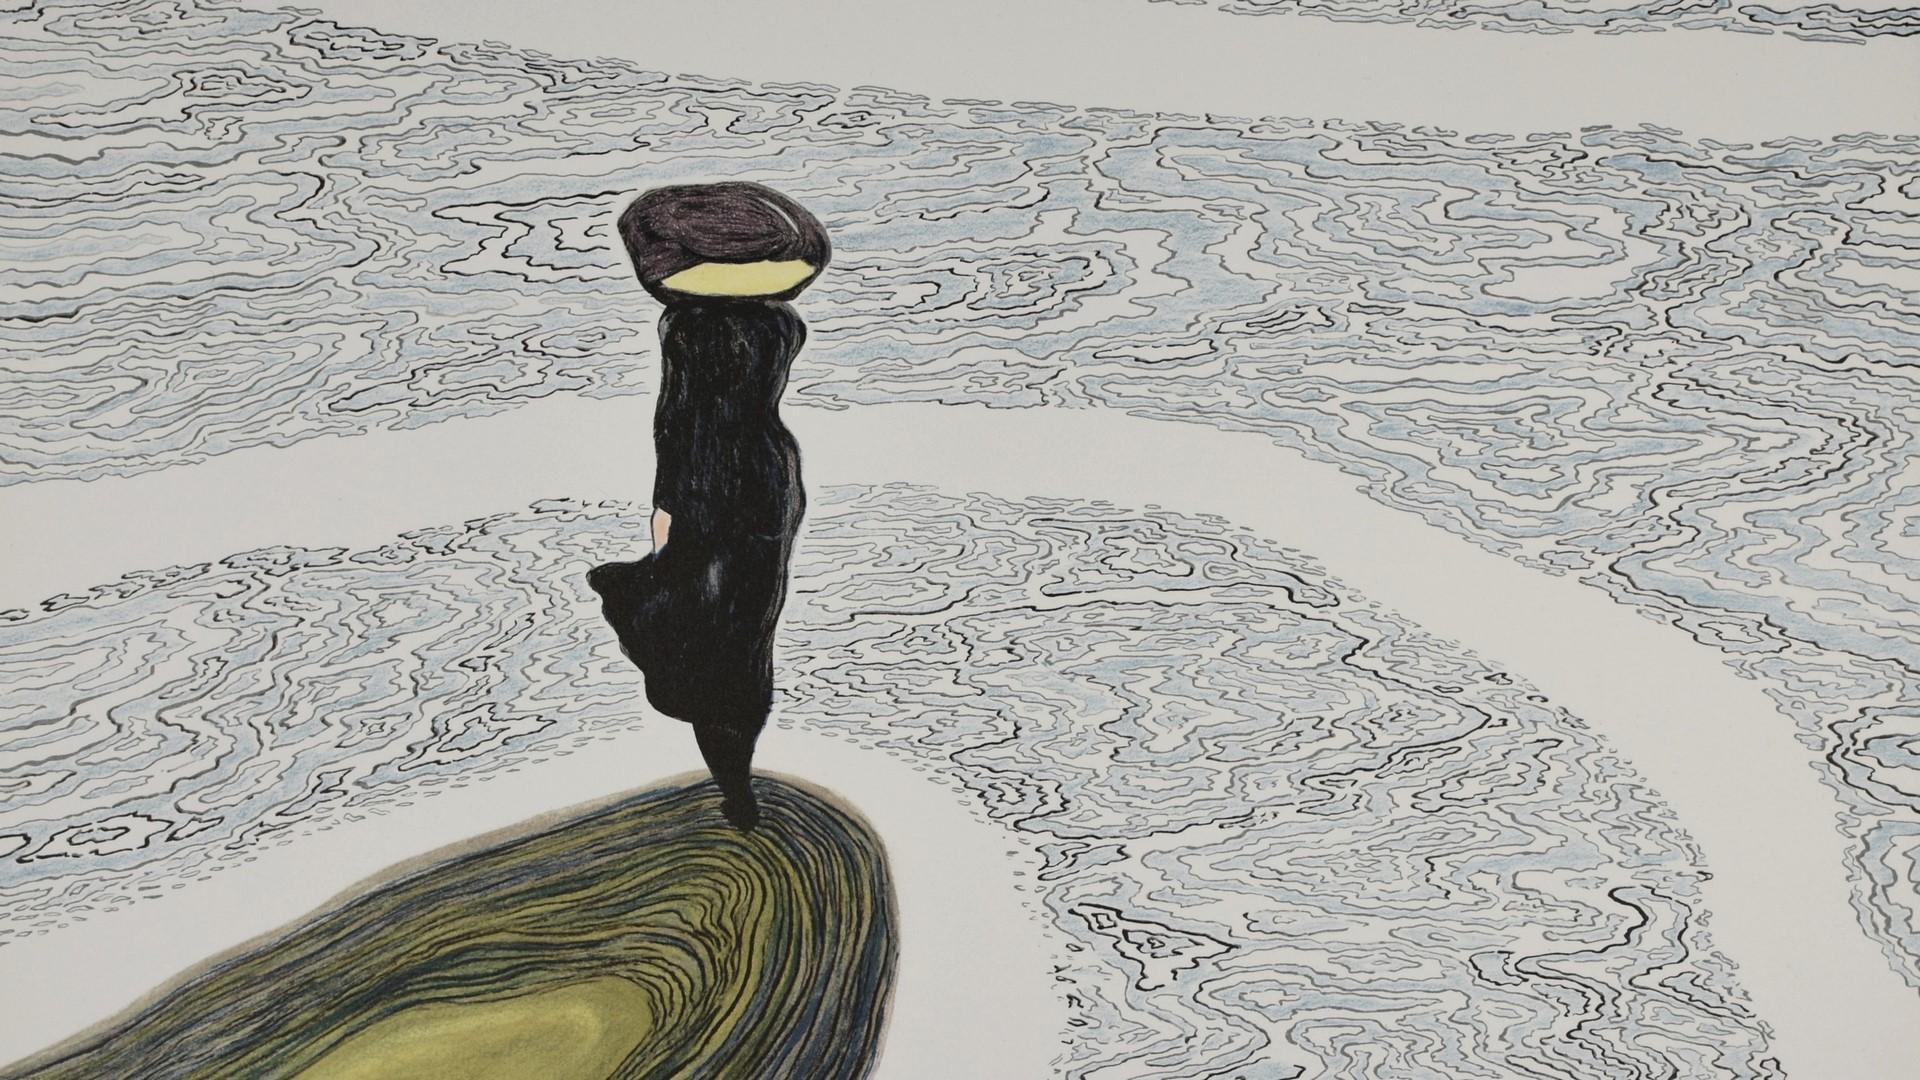 LEON SPILLIAERT | La Fille au Bord de l'eau, 1910 | Lithographie